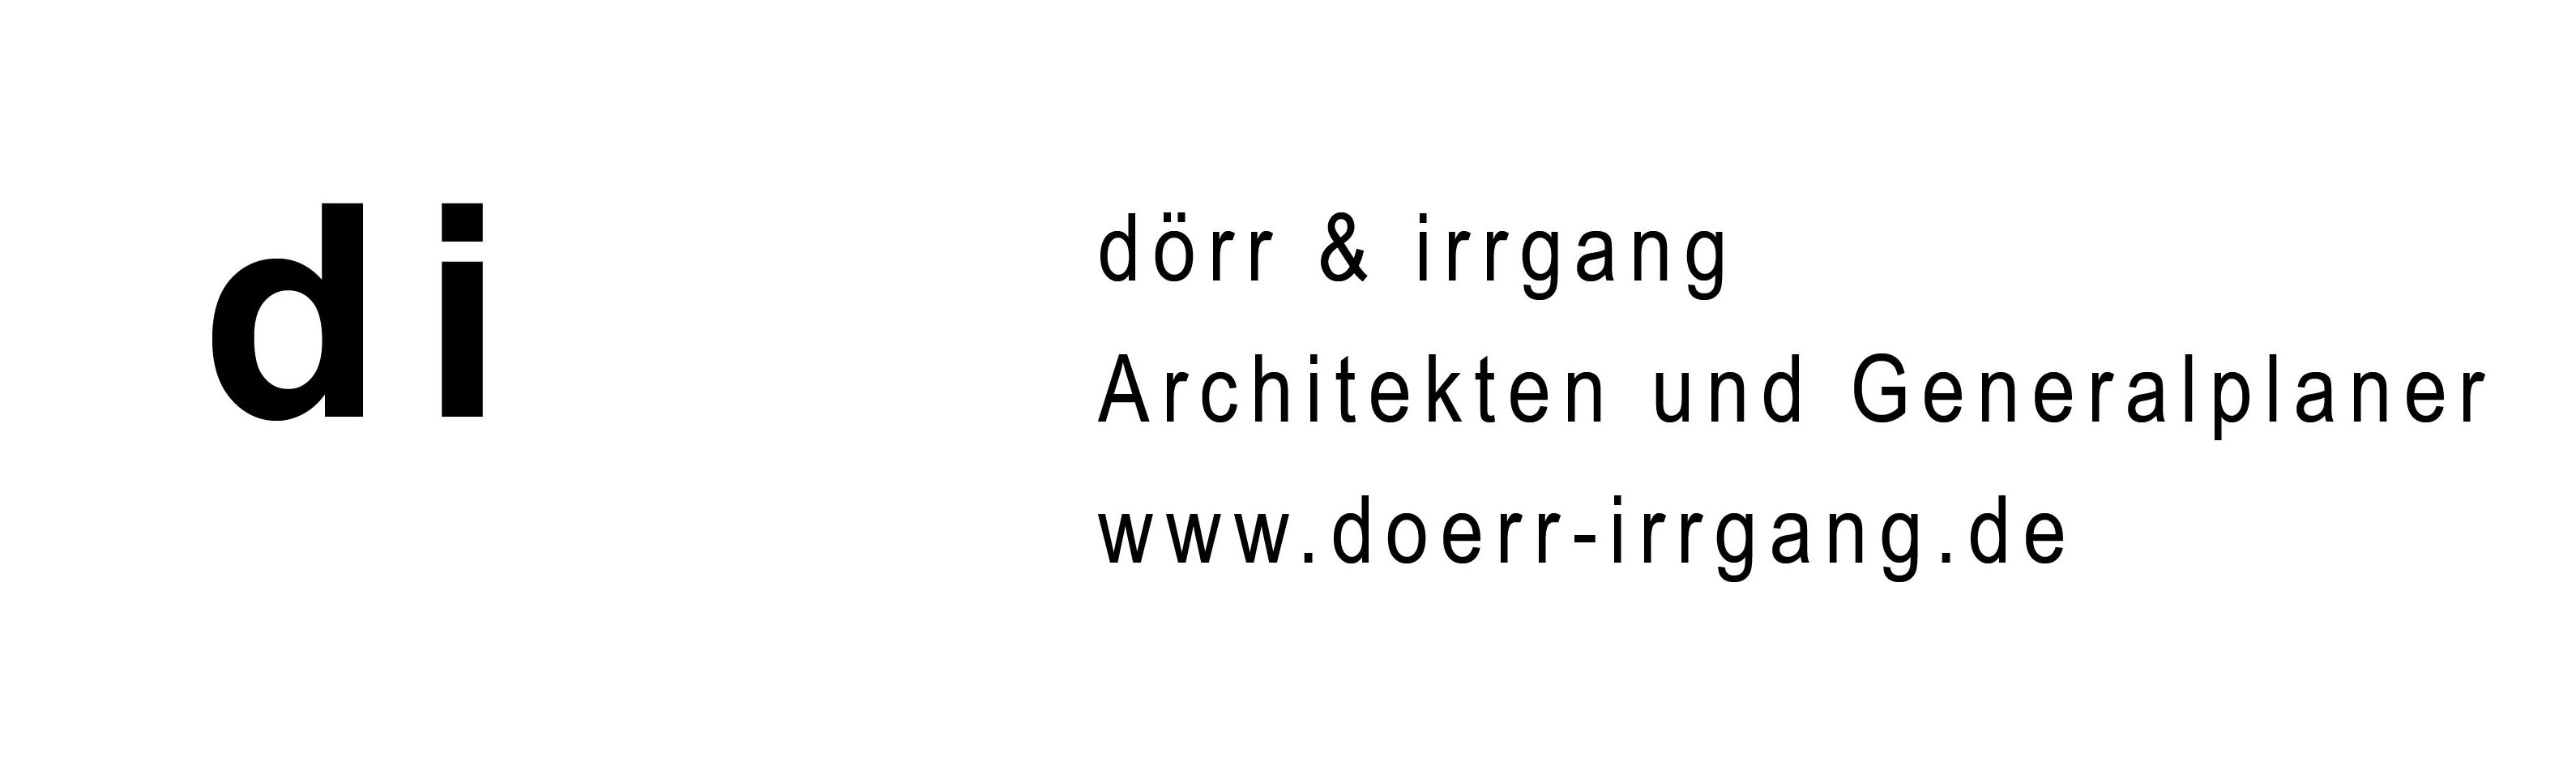 Dörr & Irrgang